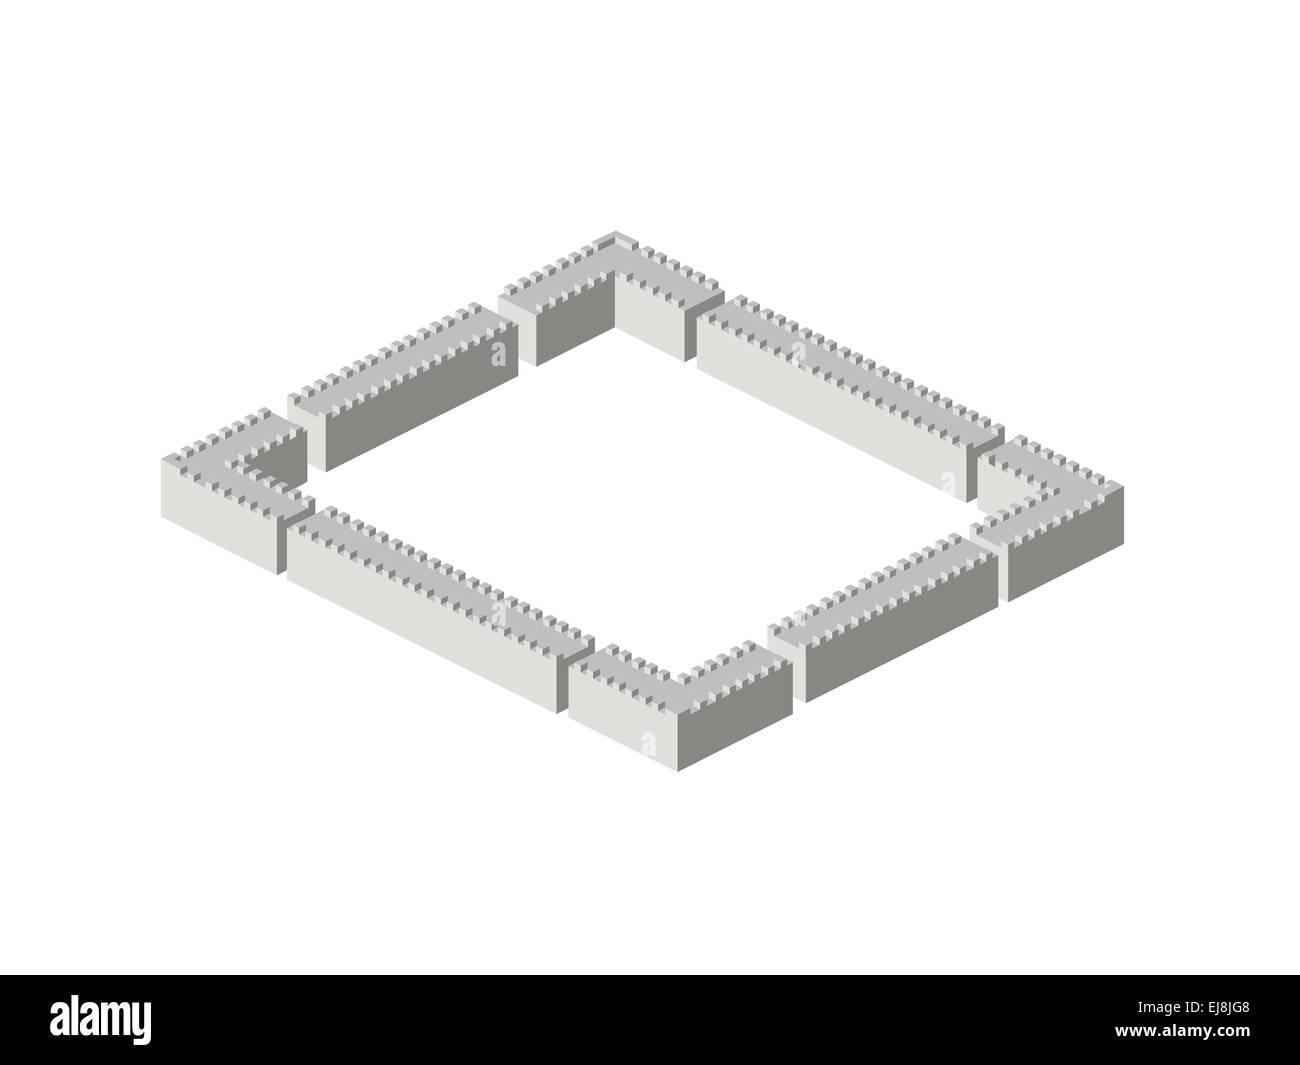 Isometric walls - Stock Image